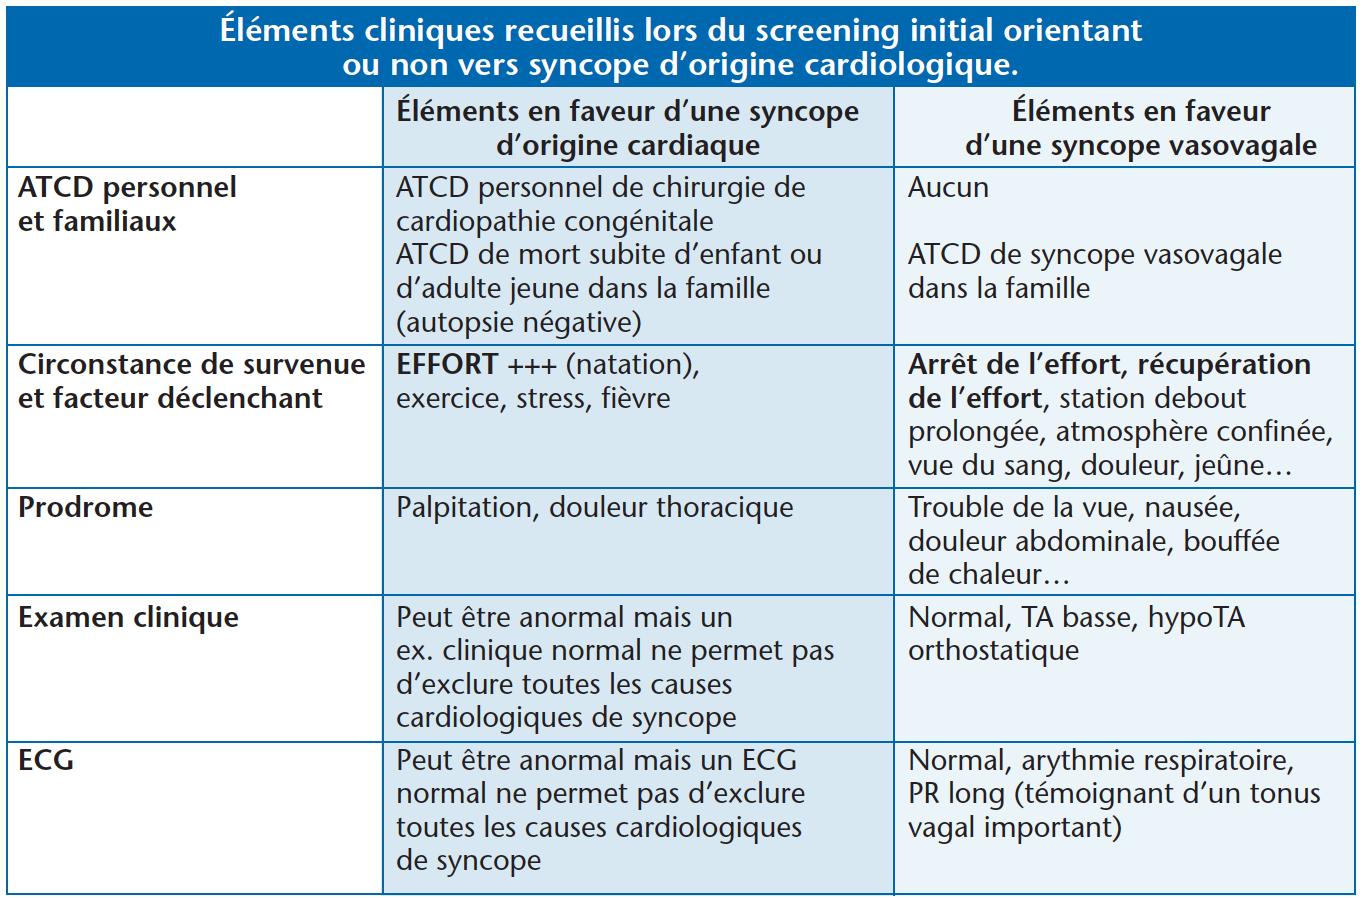 https://www.cardiologie-pratique.com/sites/www.cardiologie-pratique.com/files/images/article-journal/capture_decran_2018-06-07_a_10.11.16.png